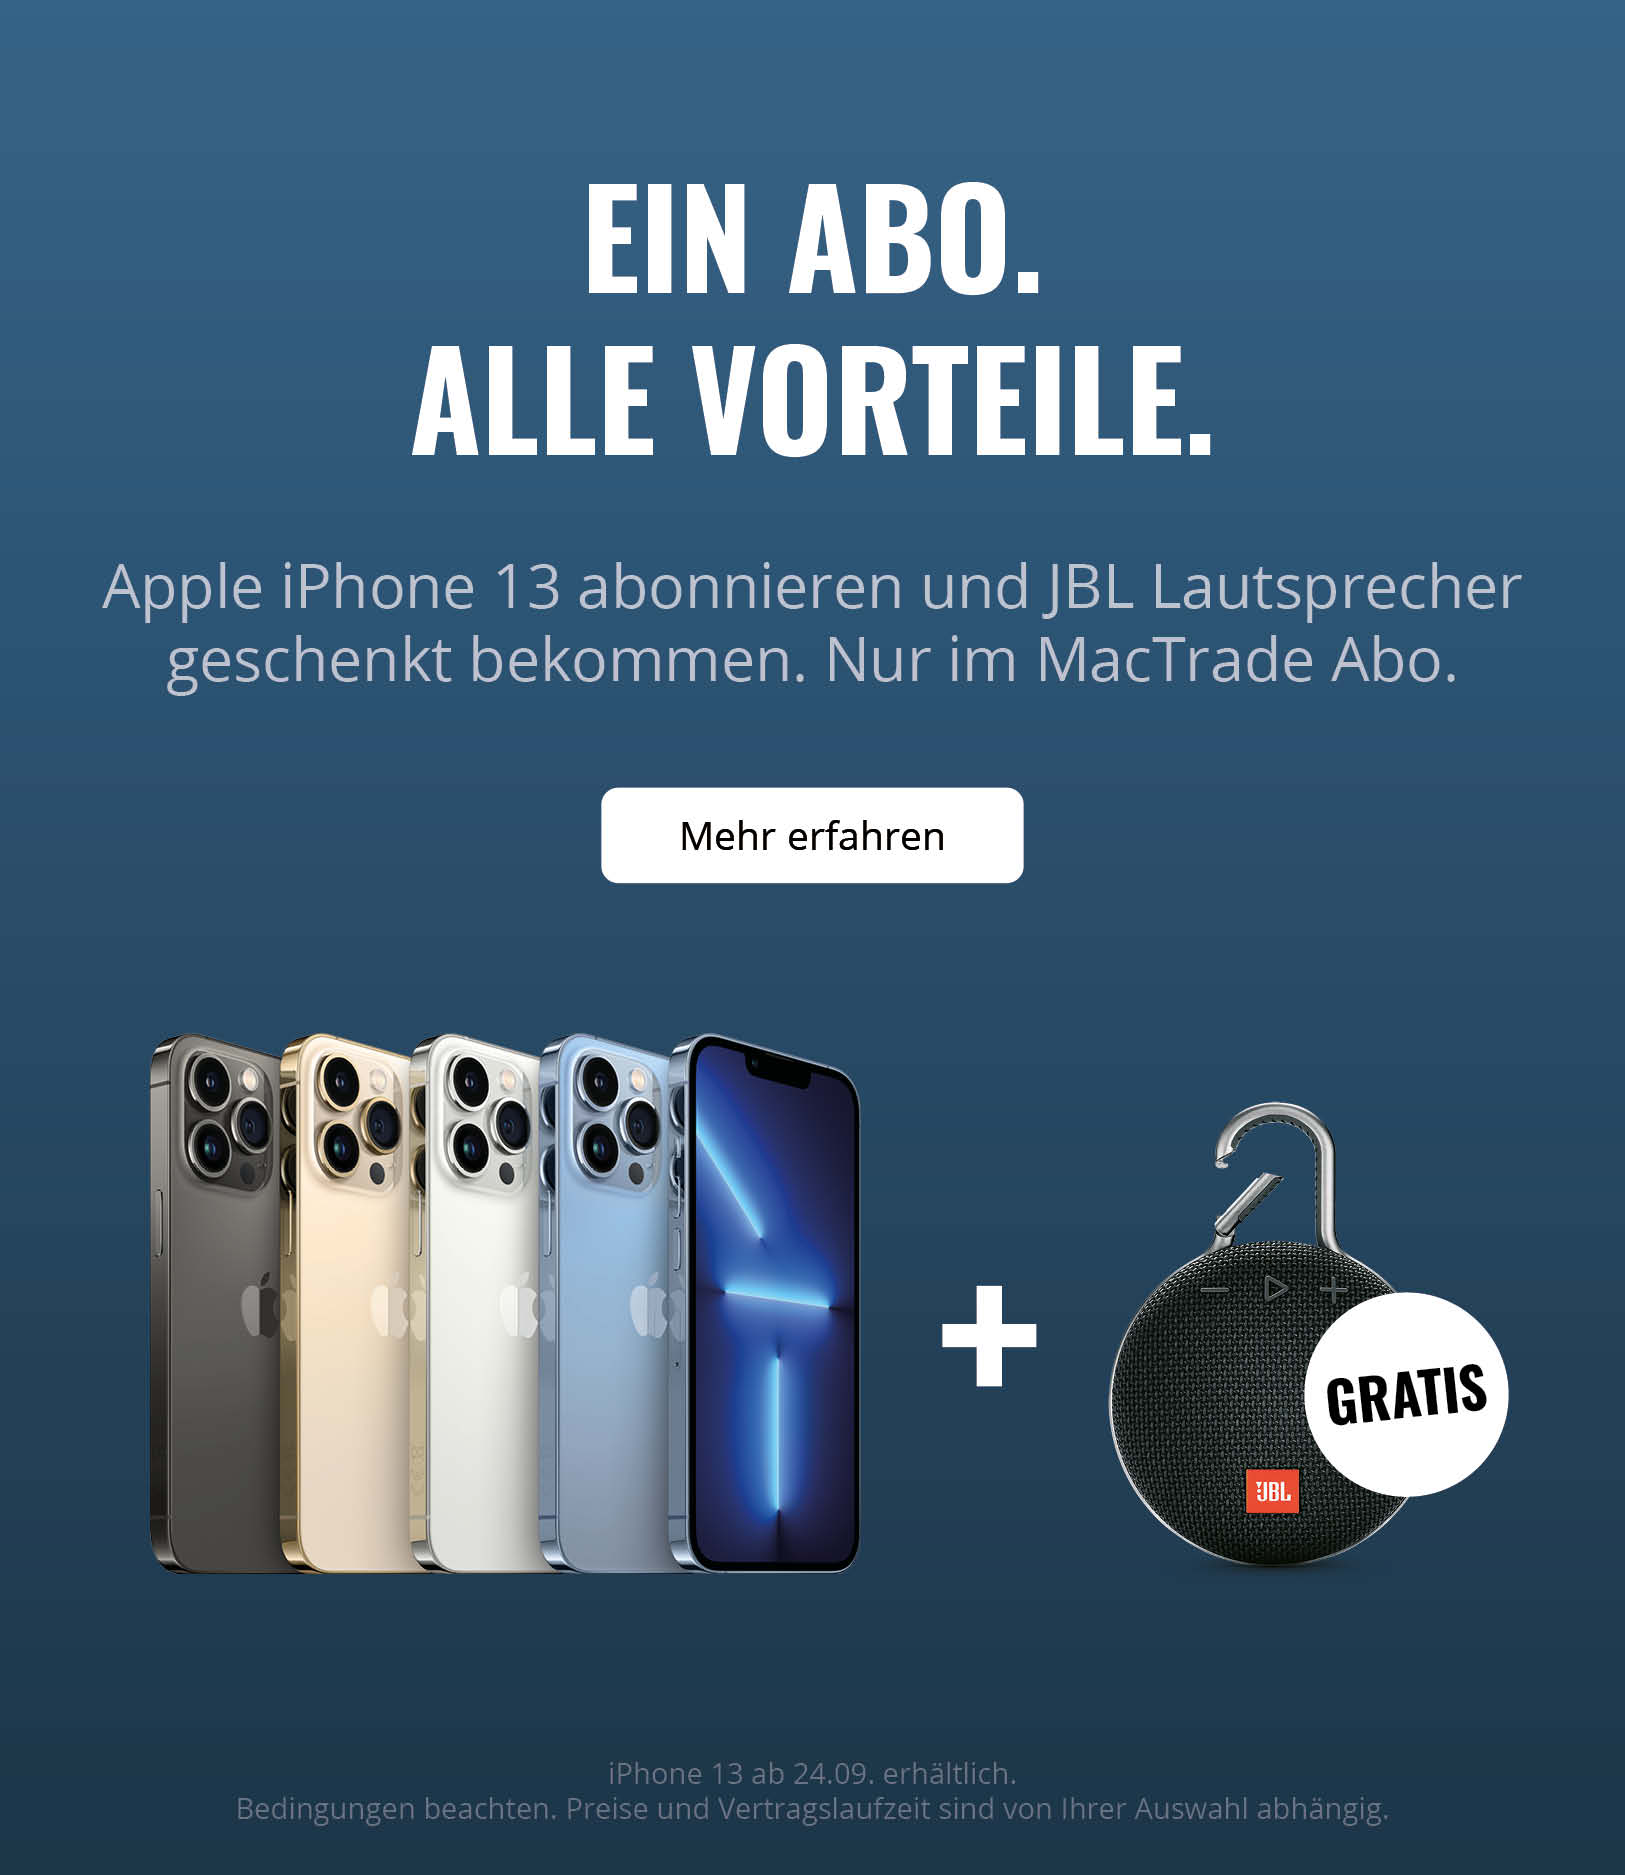 iPhone Abo Aktion